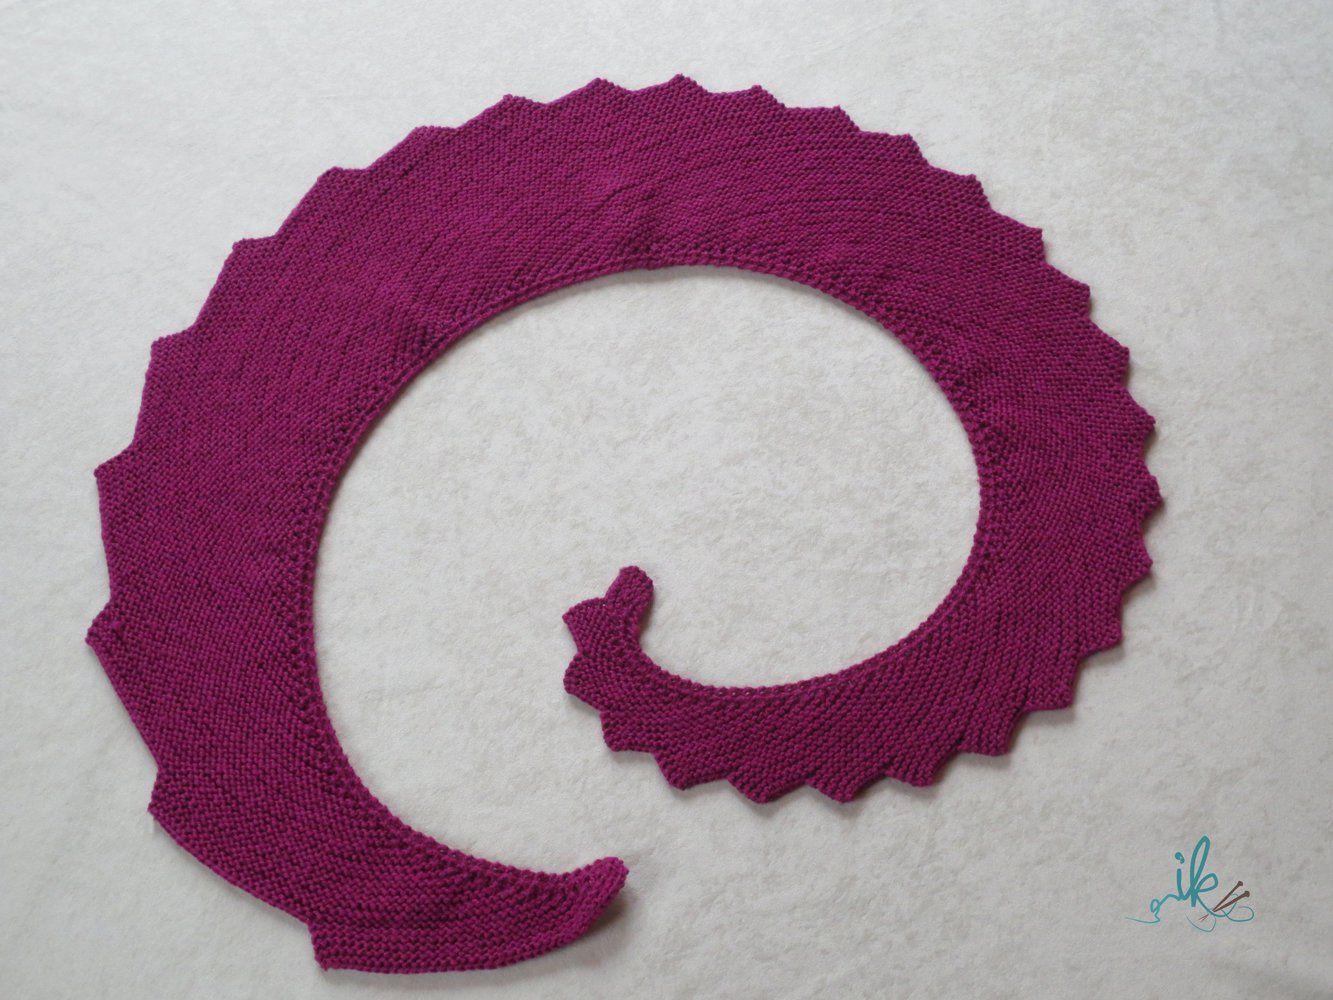 Drachenschwanz - Drachenschal stricken | Stricken ...